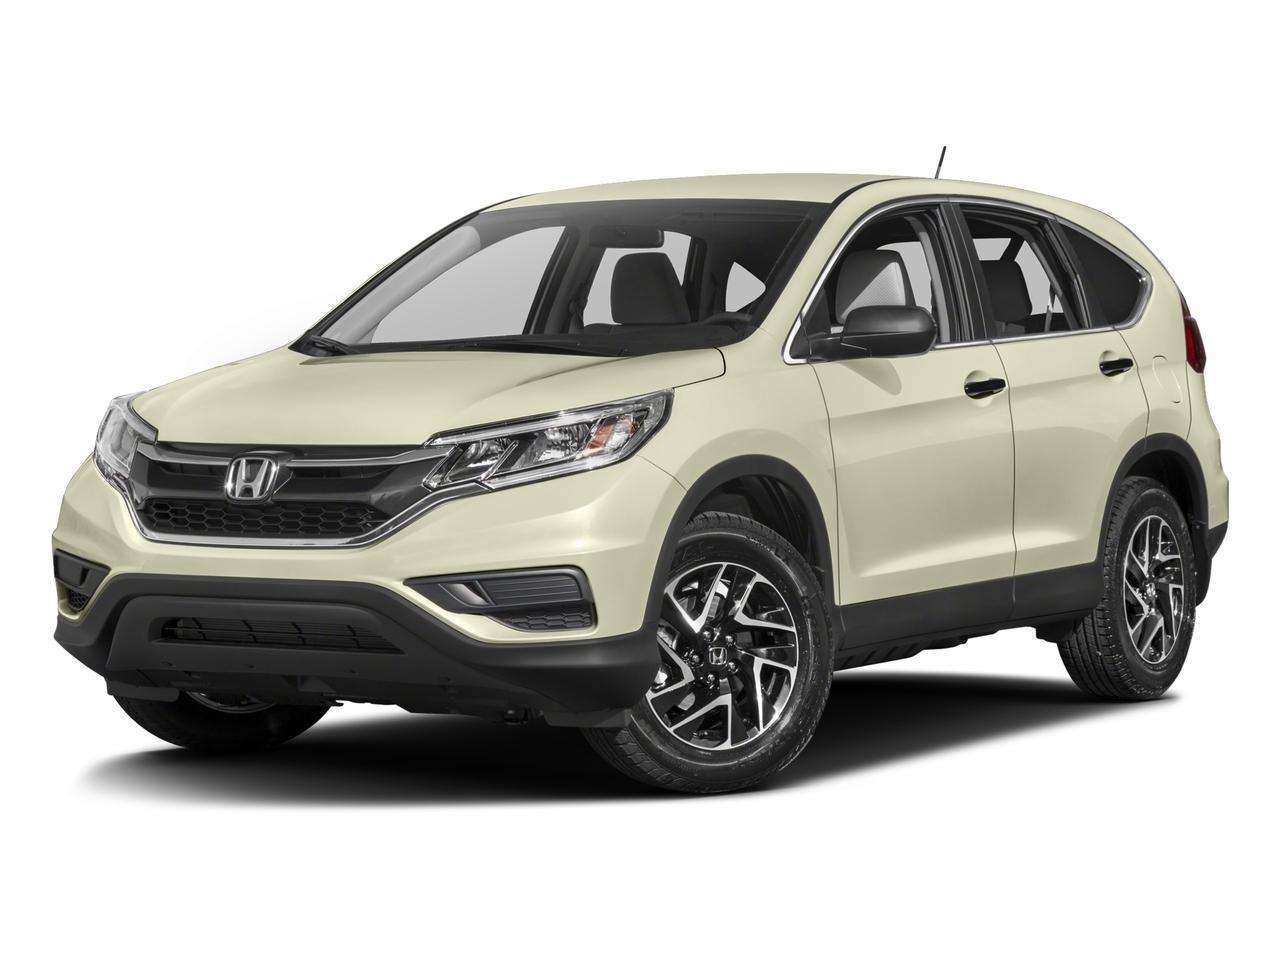 2016 Honda CR-V Vehicle Photo in Colma, CA 94014